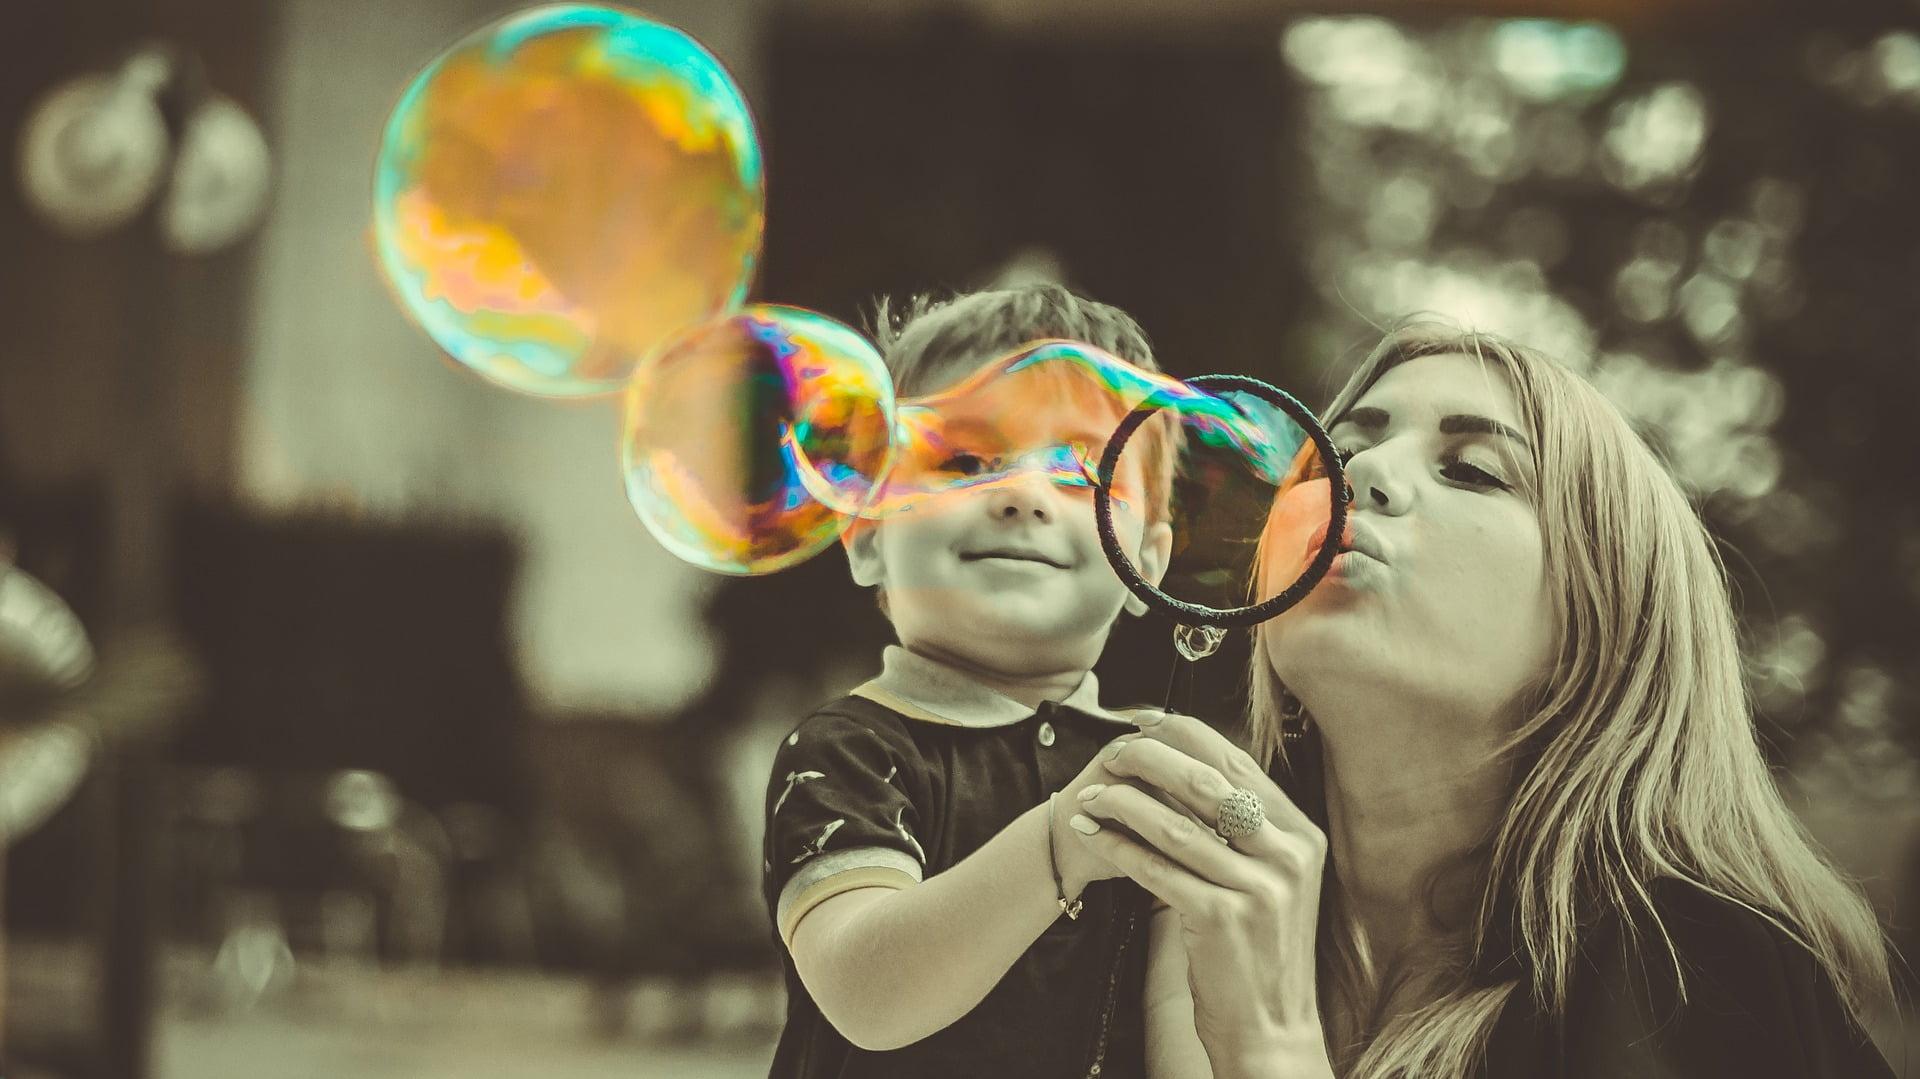 Nu e deloc ușor să crești singură un copil. Câteva sfaturi pentru mame singure ar putea să îți fie de ajutor.